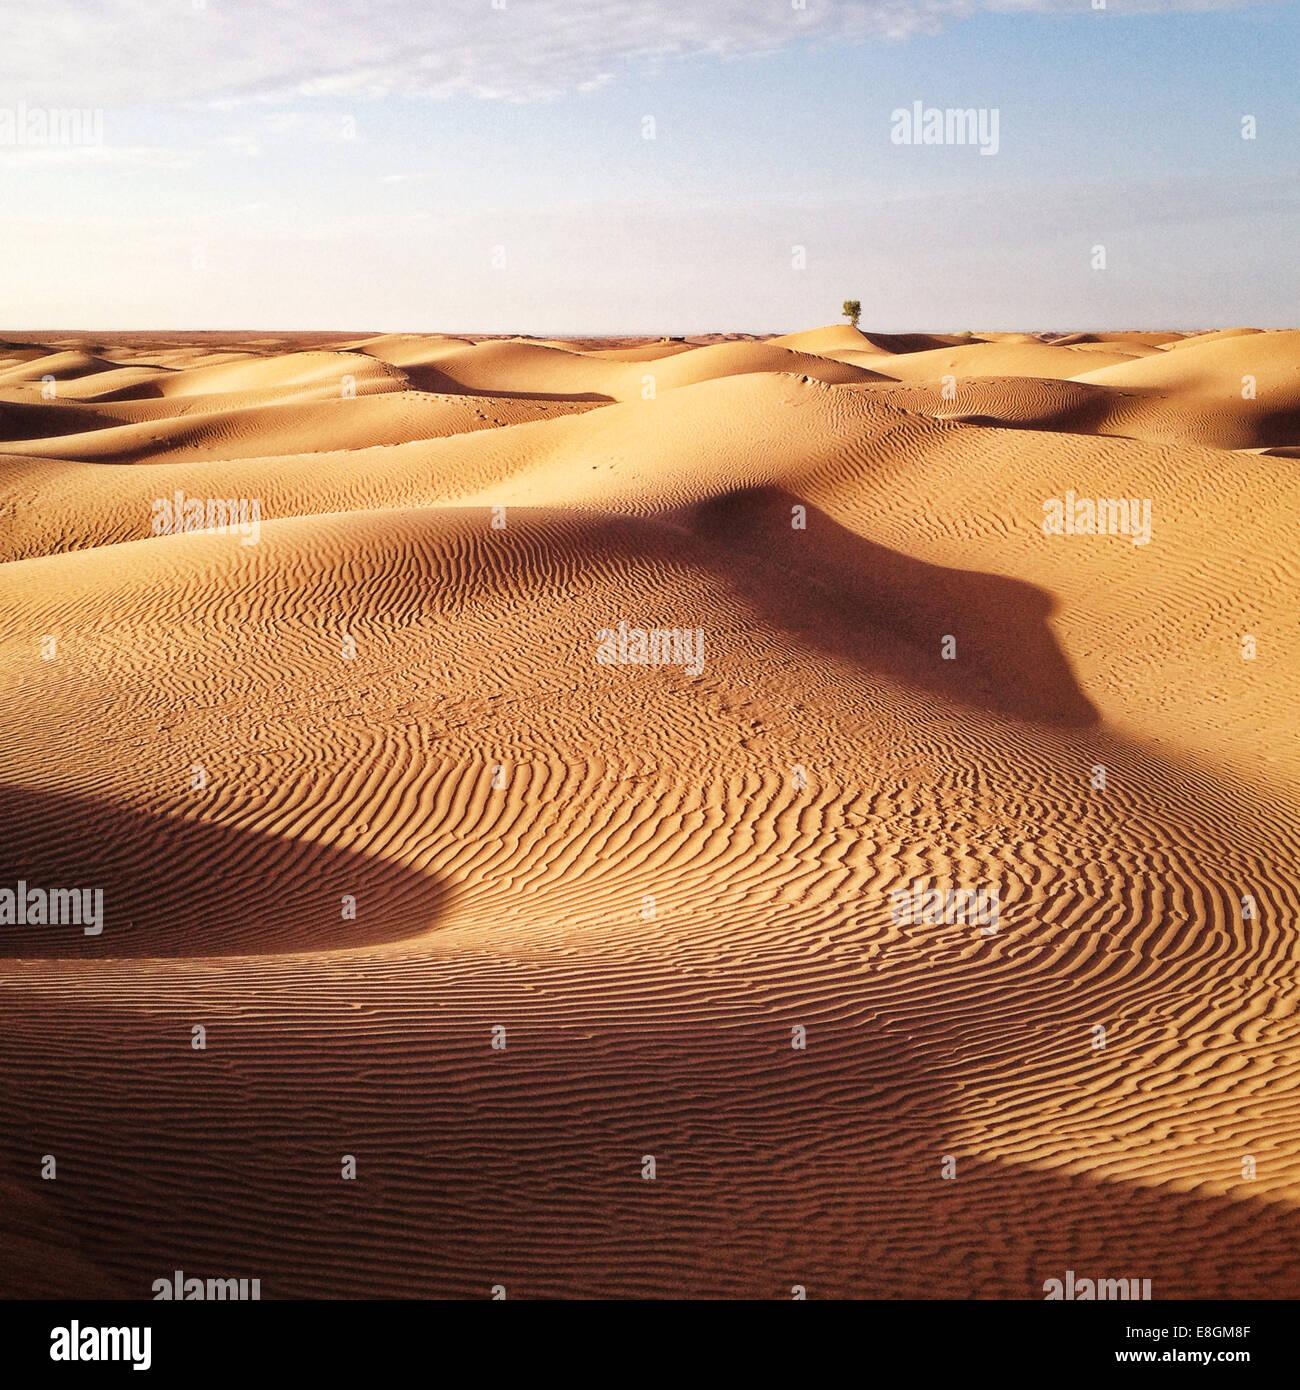 Marruecos, el desierto del Sahara Imagen De Stock